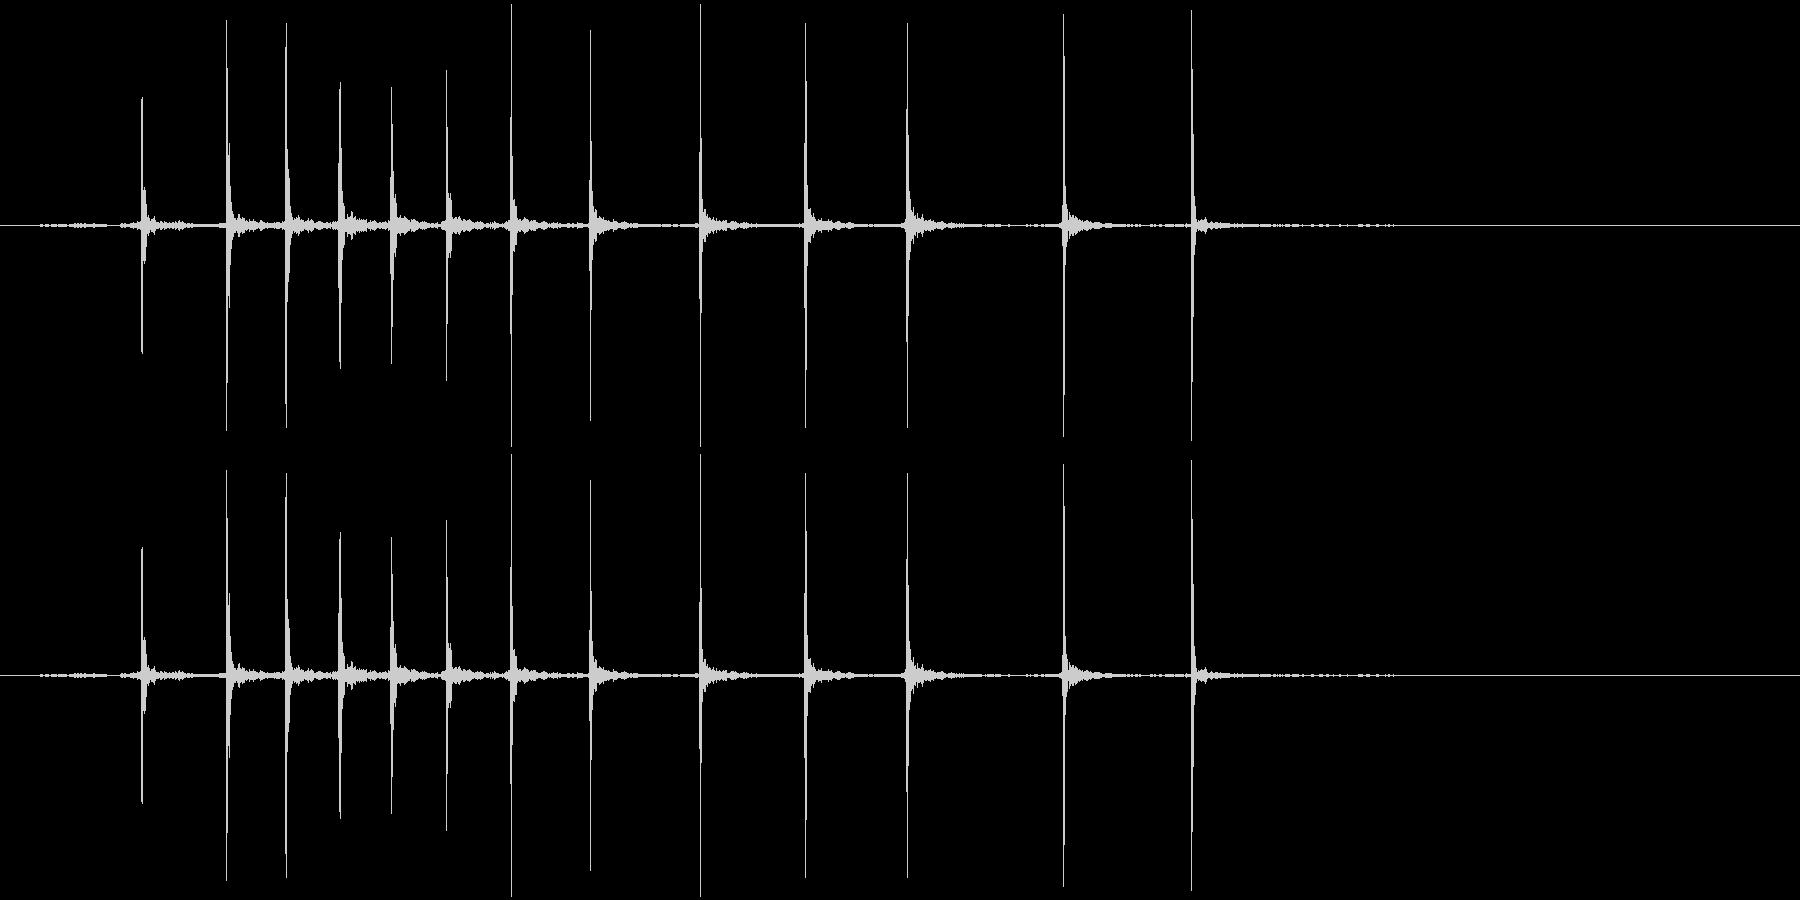 カッターの刃を出す音の未再生の波形